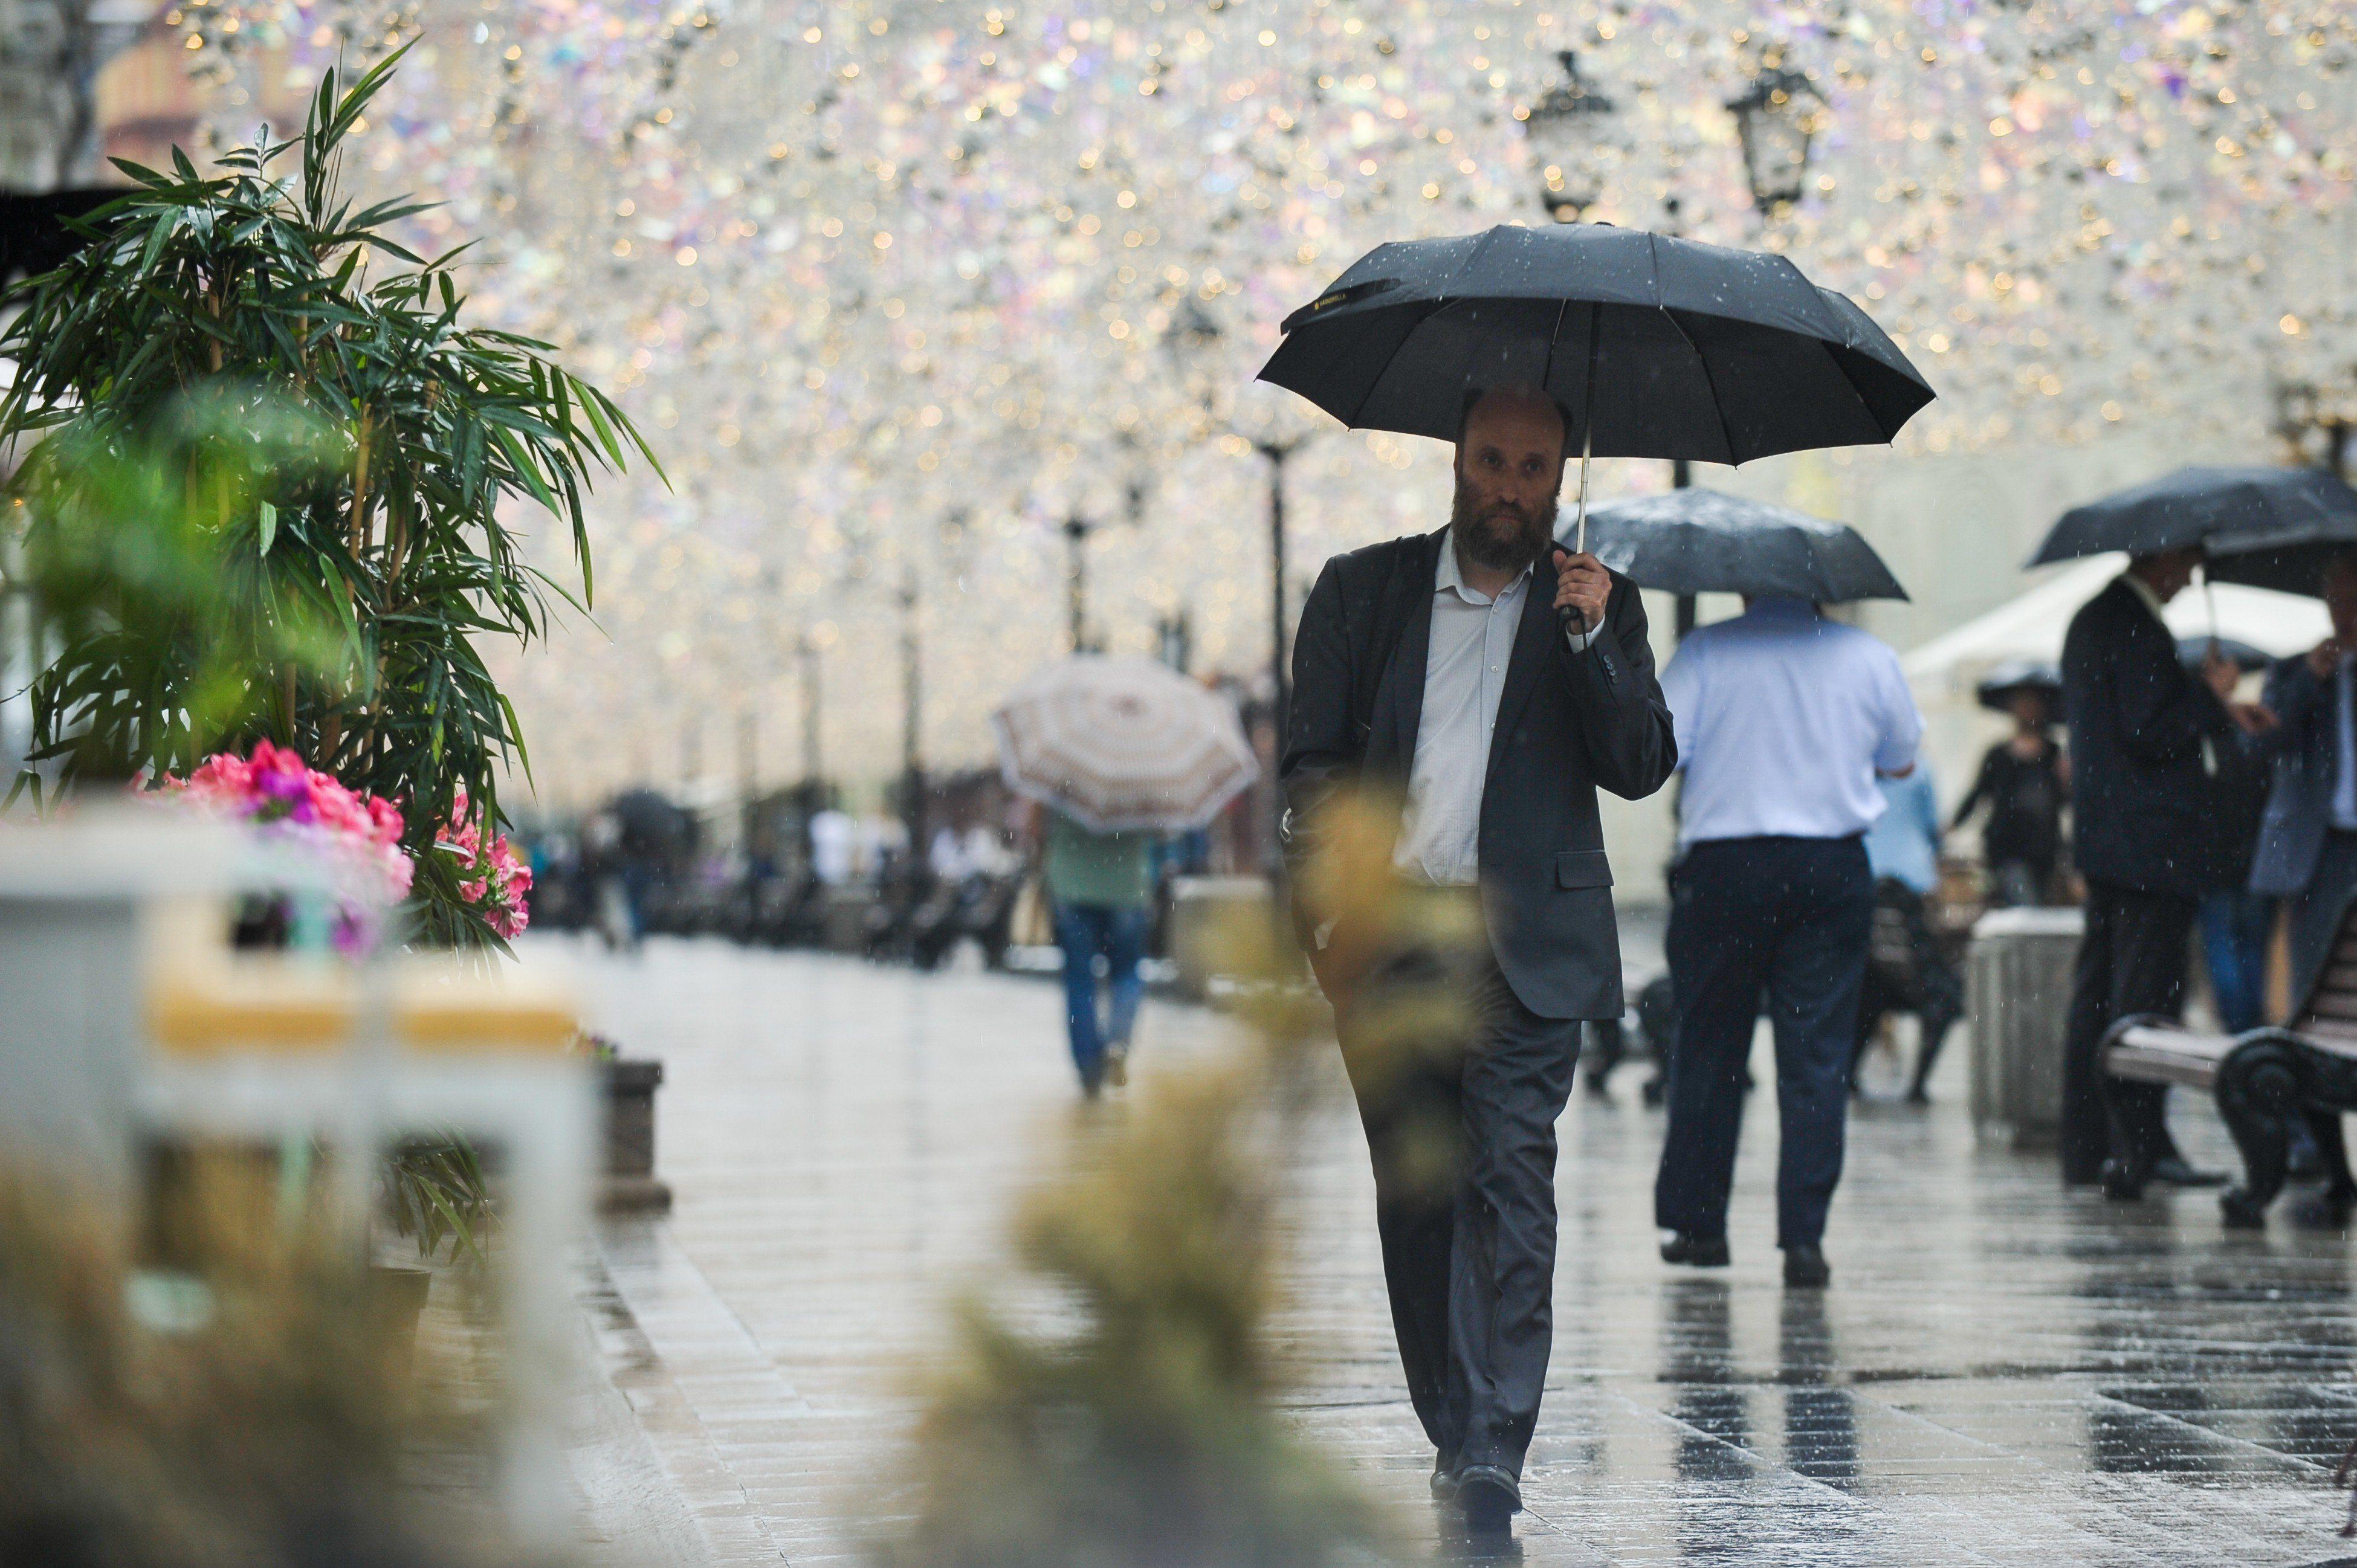 Синоптики предупредили о новой волне похолодания